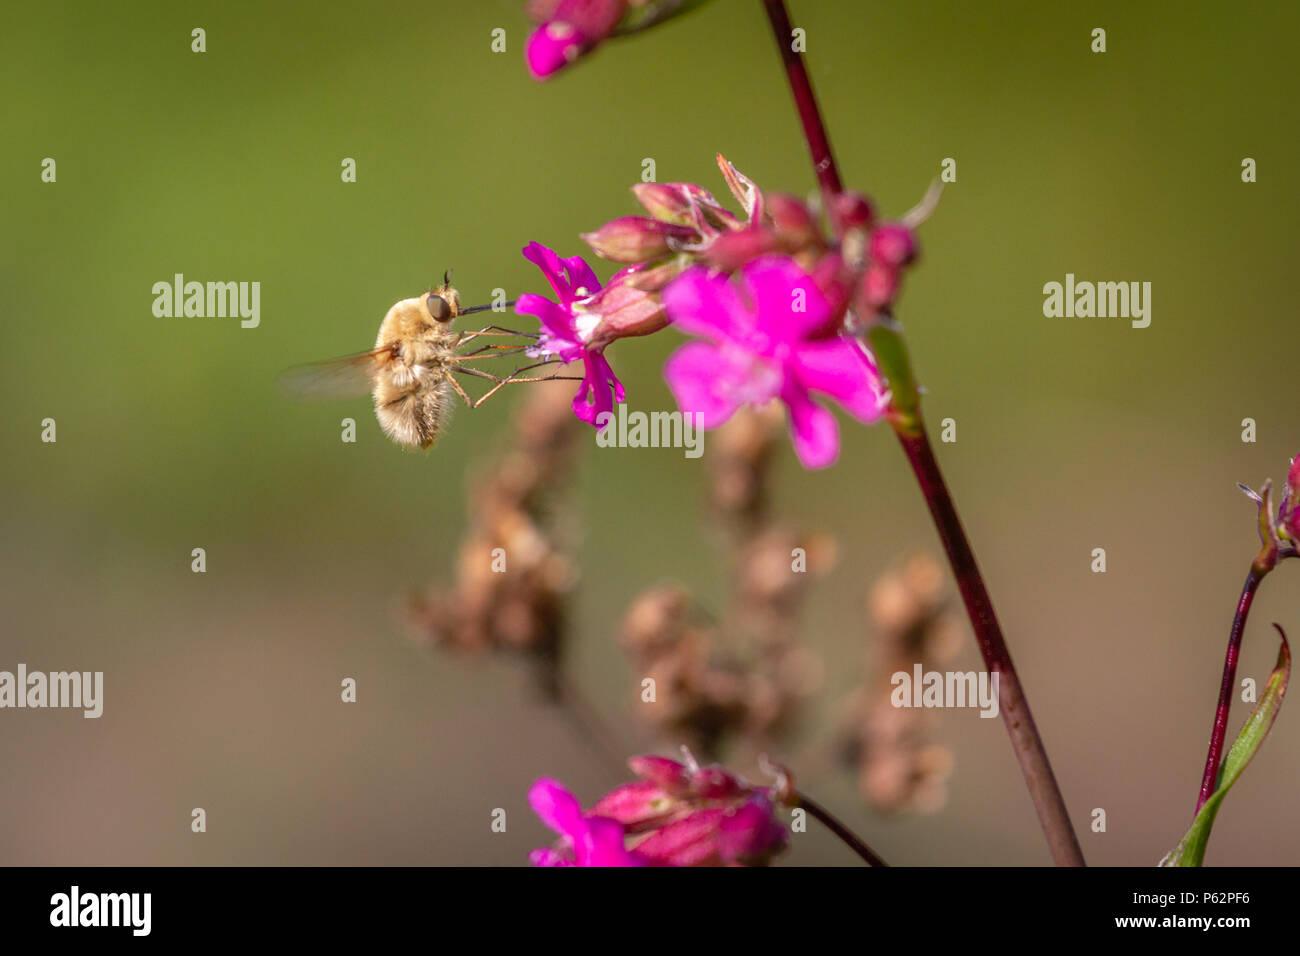 Biene - bombylius Major auf grünem Hintergrund. Bestäuben Sie Blume. Mit langen Rüssel Biene fliegt auf Blume Stockbild